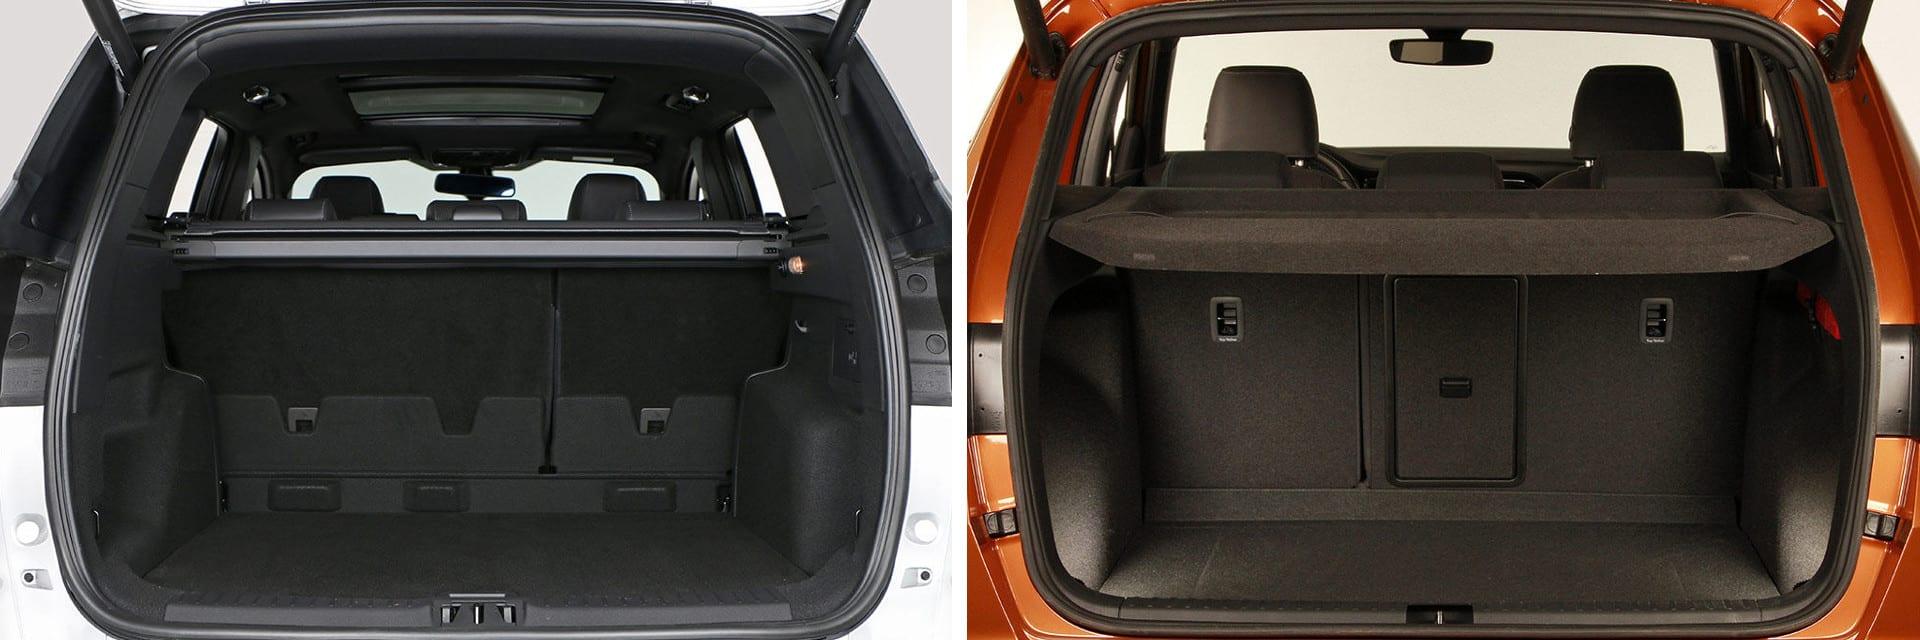 Las fotos del Ford Kuga corresponden al acabado ST-Line. Las fotos del SEAT Ateca corresponden al acabado Xcellence. Fotos cedidas por km77.